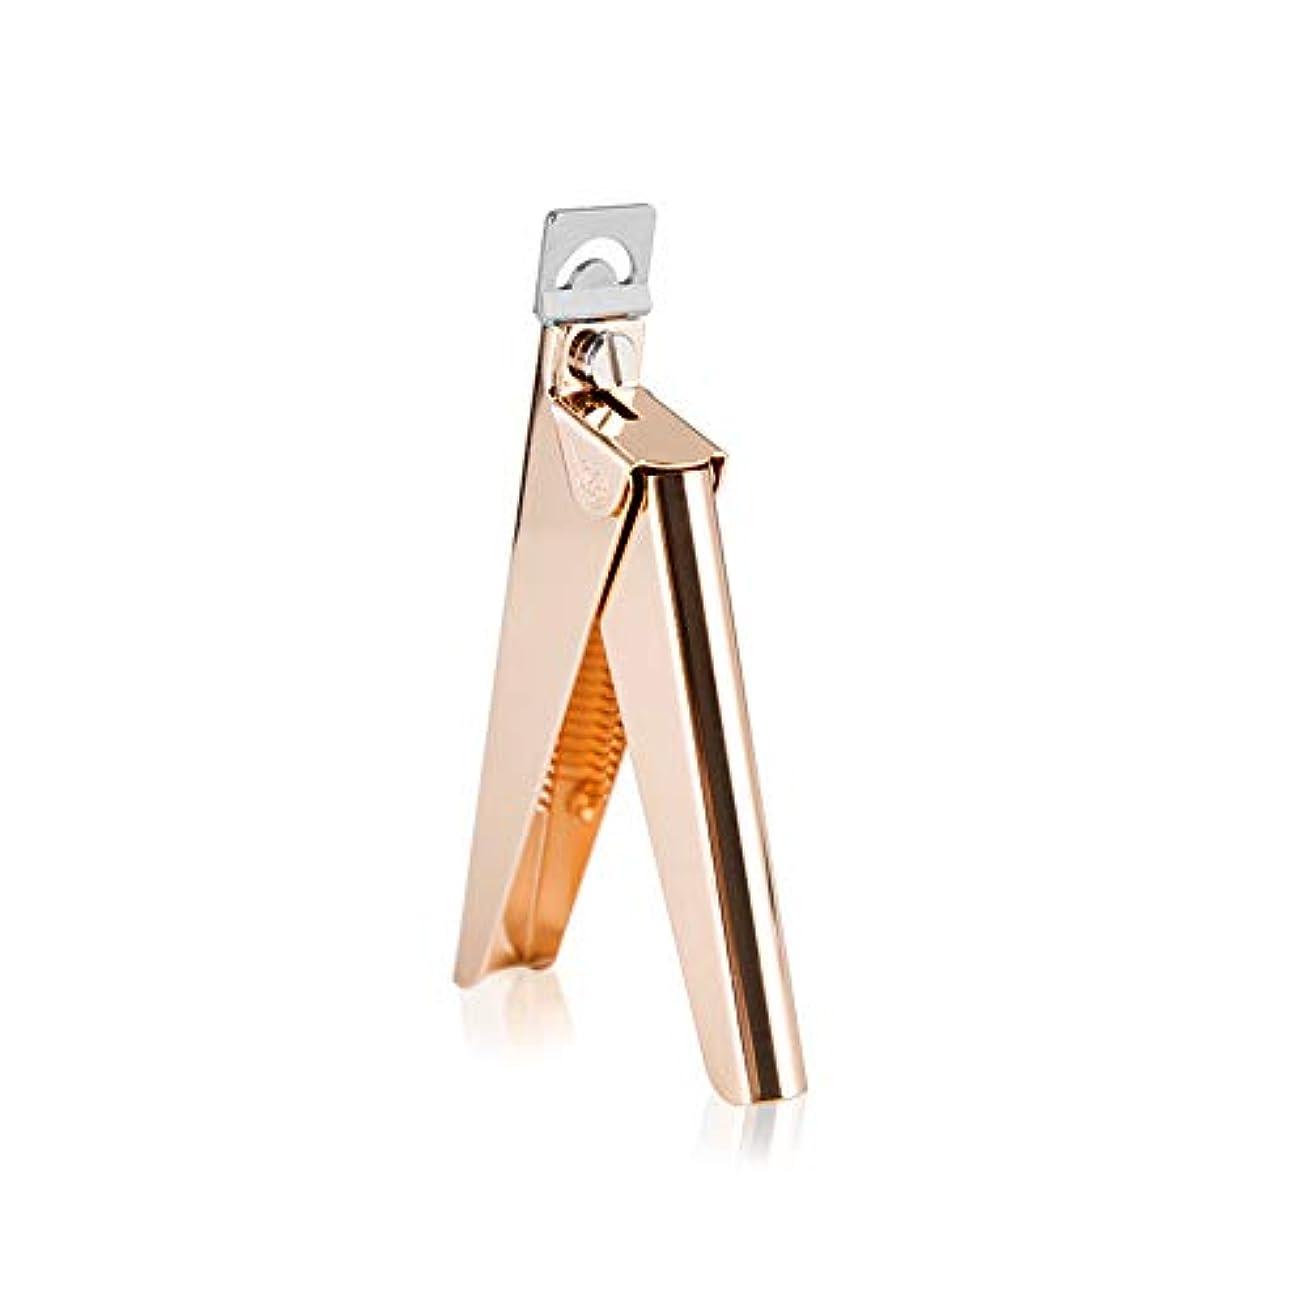 震えるあごひげ会社1ワードカットU字型ネイルアートクリッパーはさみ 飛び散り防止爪切り、ローズゴールド